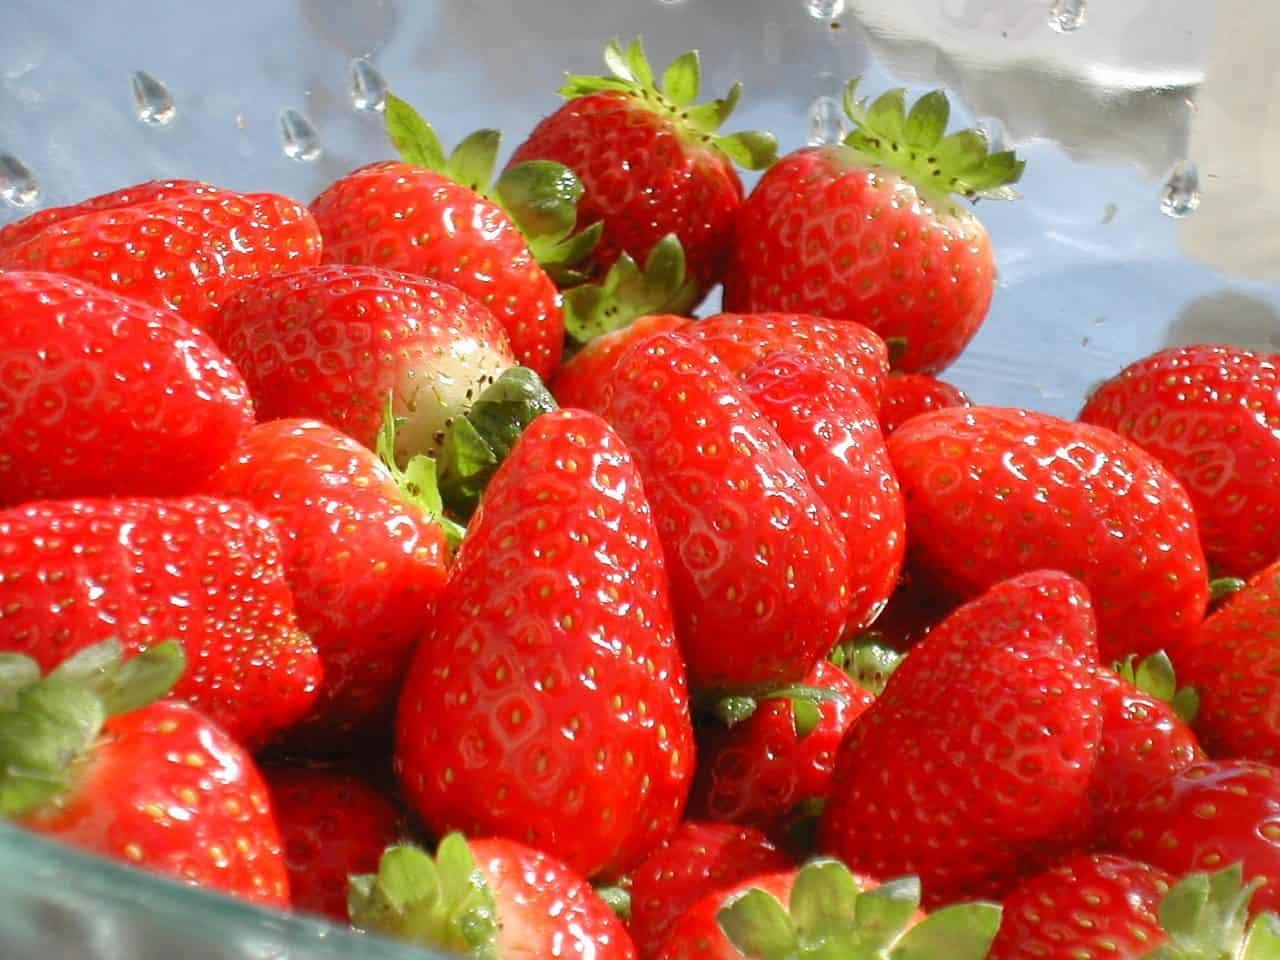 strawberries-1522699-1280x960